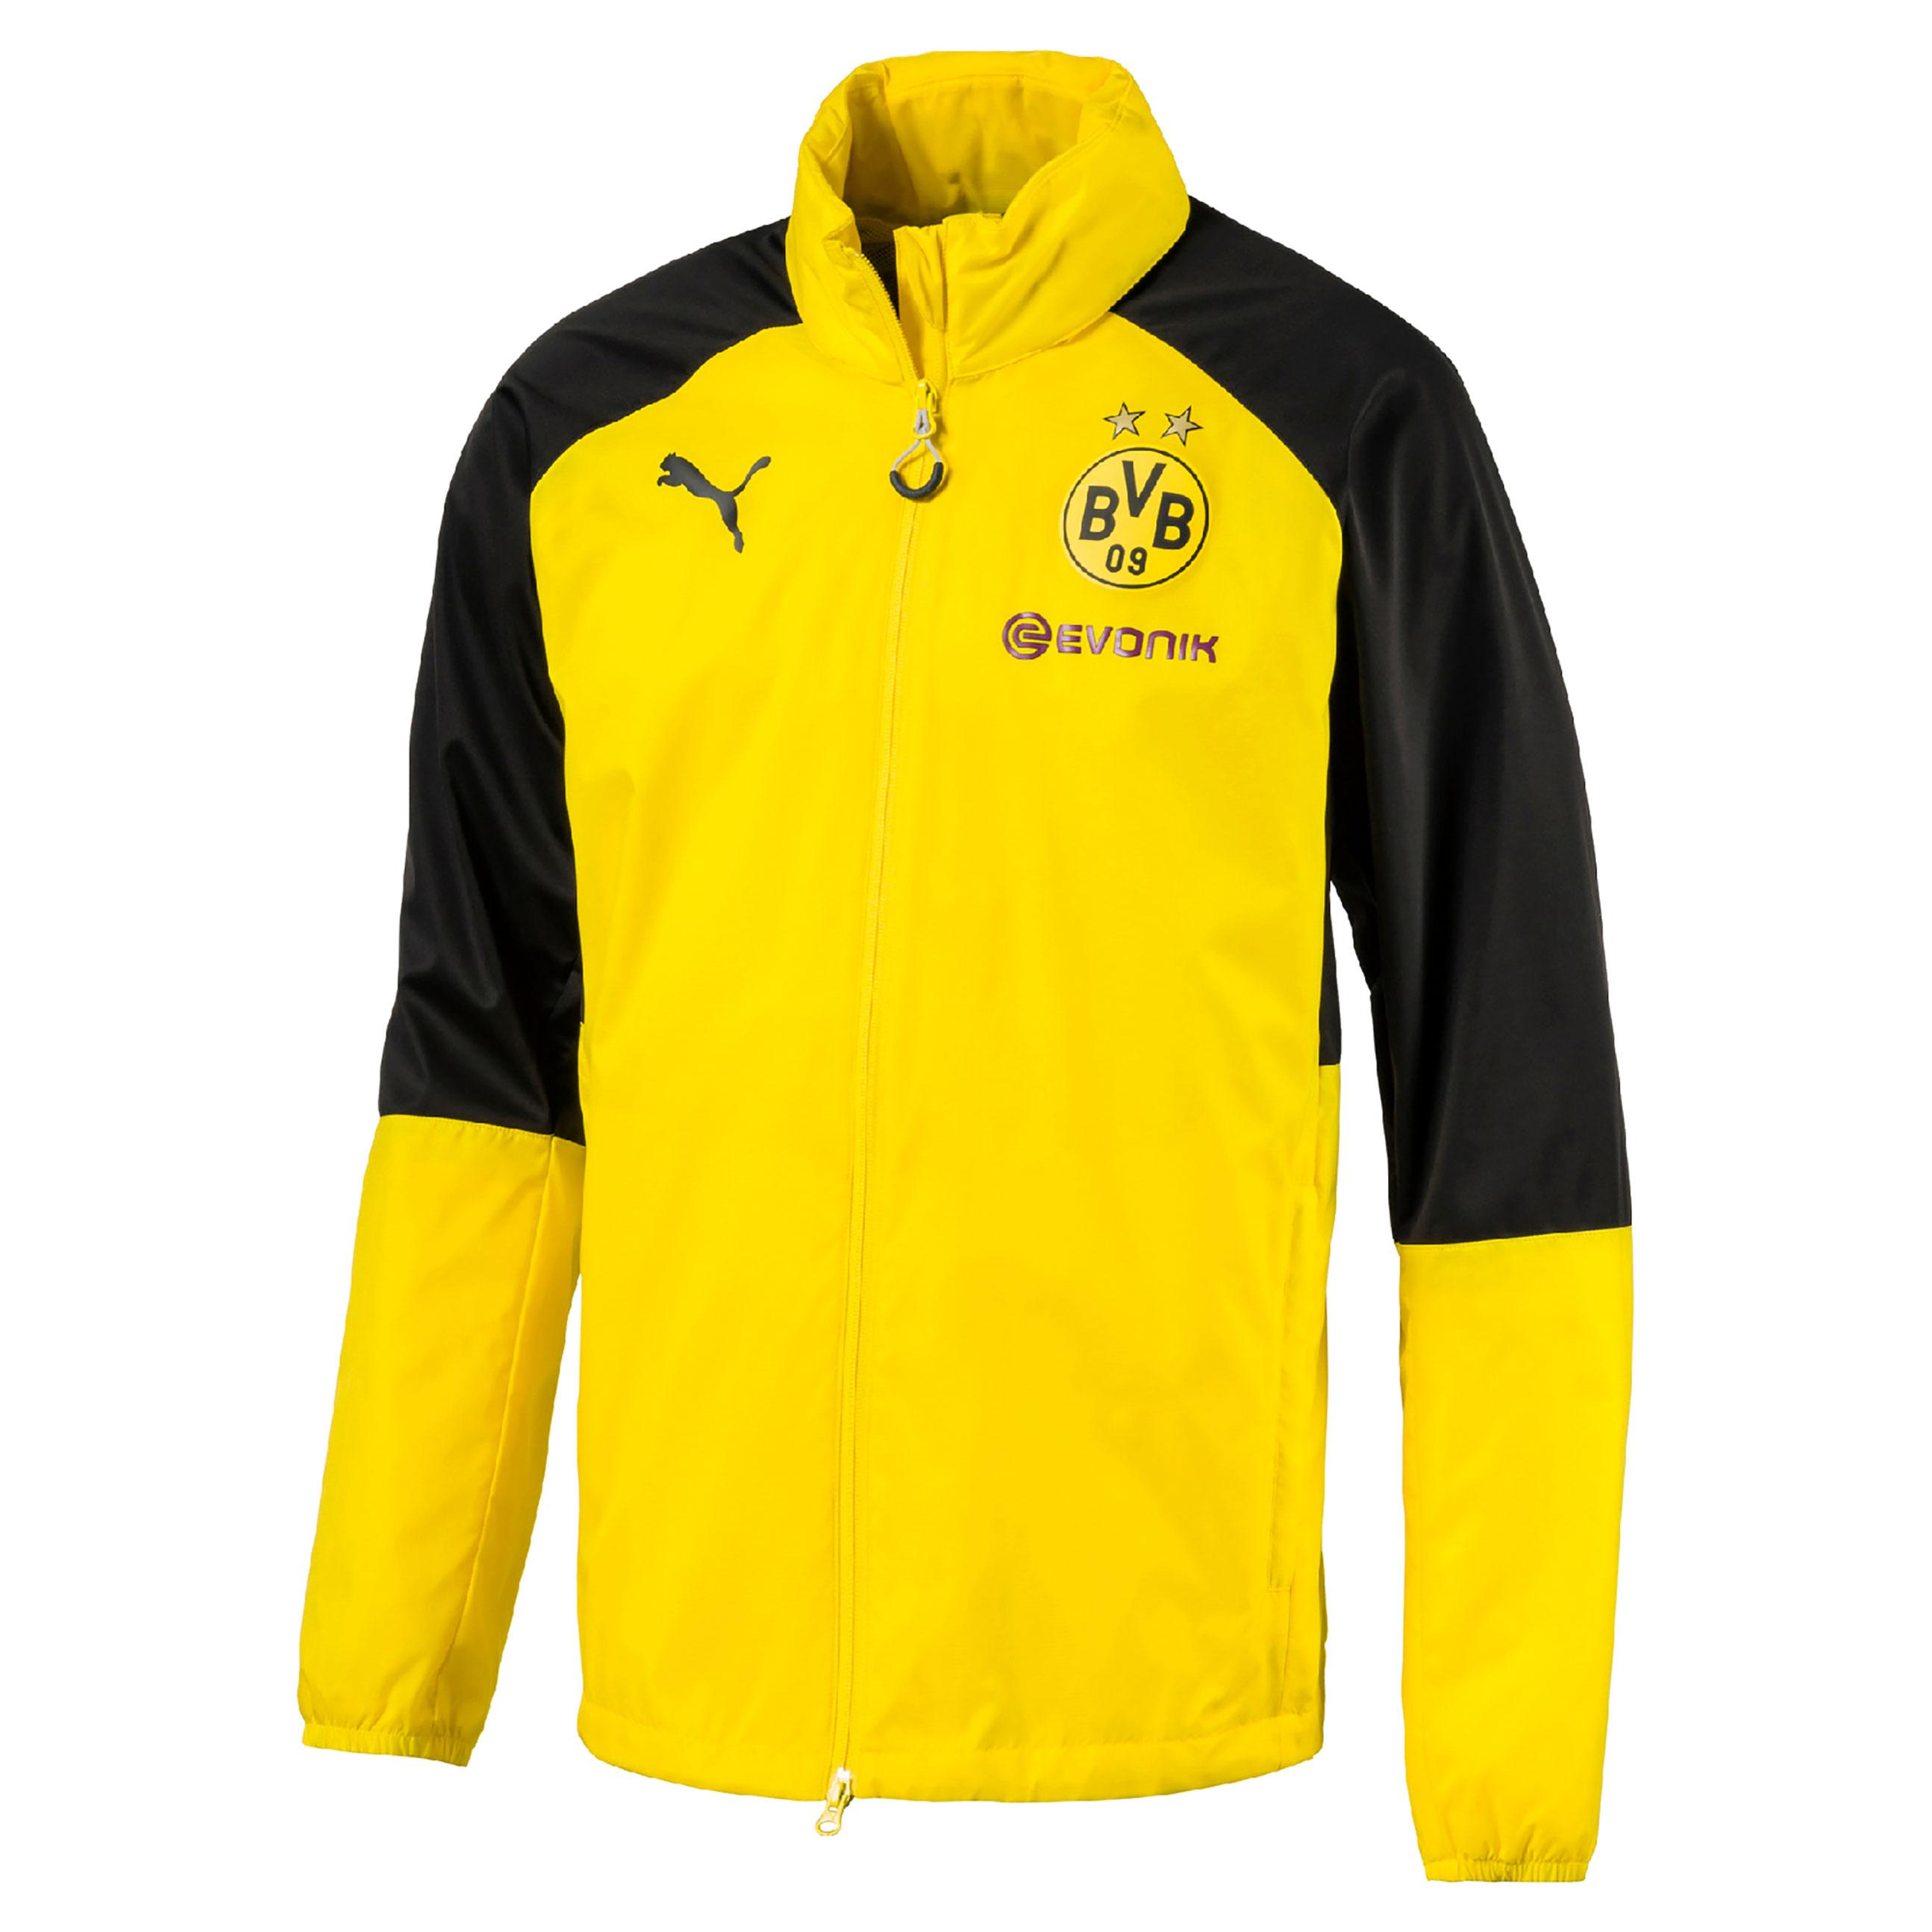 1439b08a0ec2d Futbalové kluby (všetky) | Puma Borussia Dortmund BVB 09 bunda ...